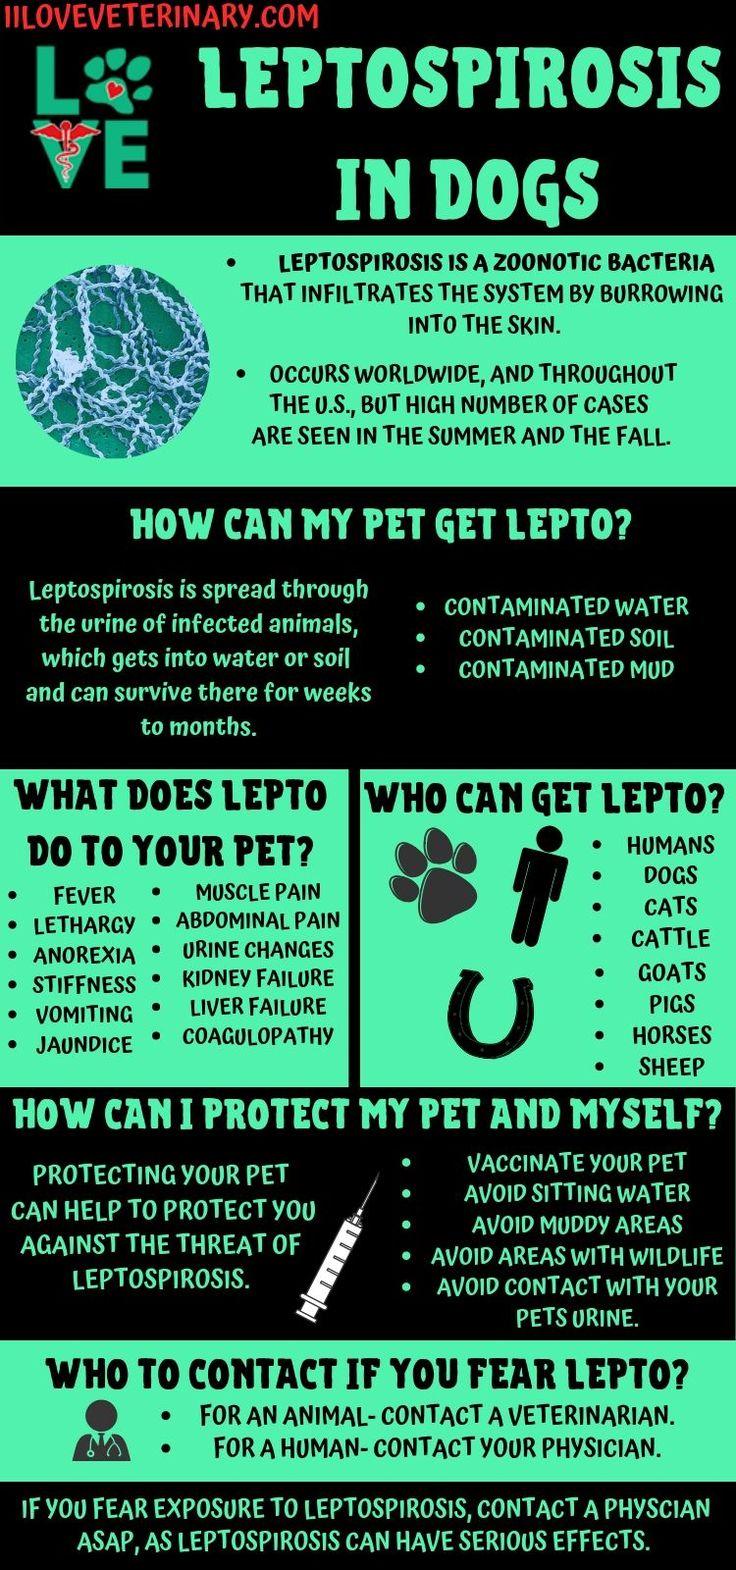 Leptospirosis in Dogs I Love Veterinary in 2020 Vet